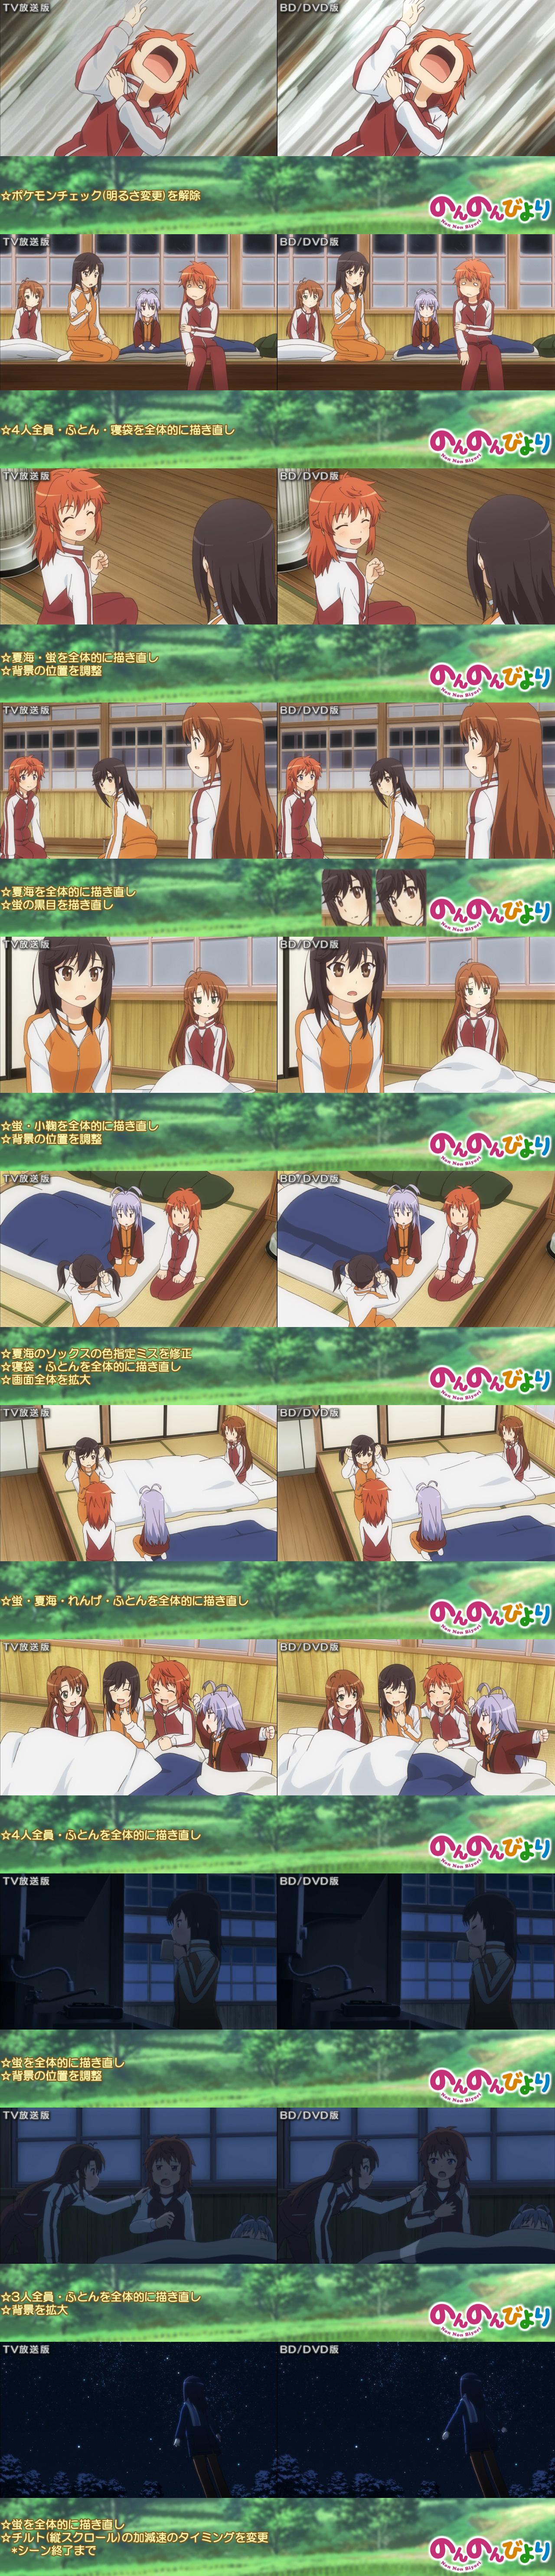 Non-Non-Biyori-TV-and-Blu-ray-Comparisons-Episode-11-2